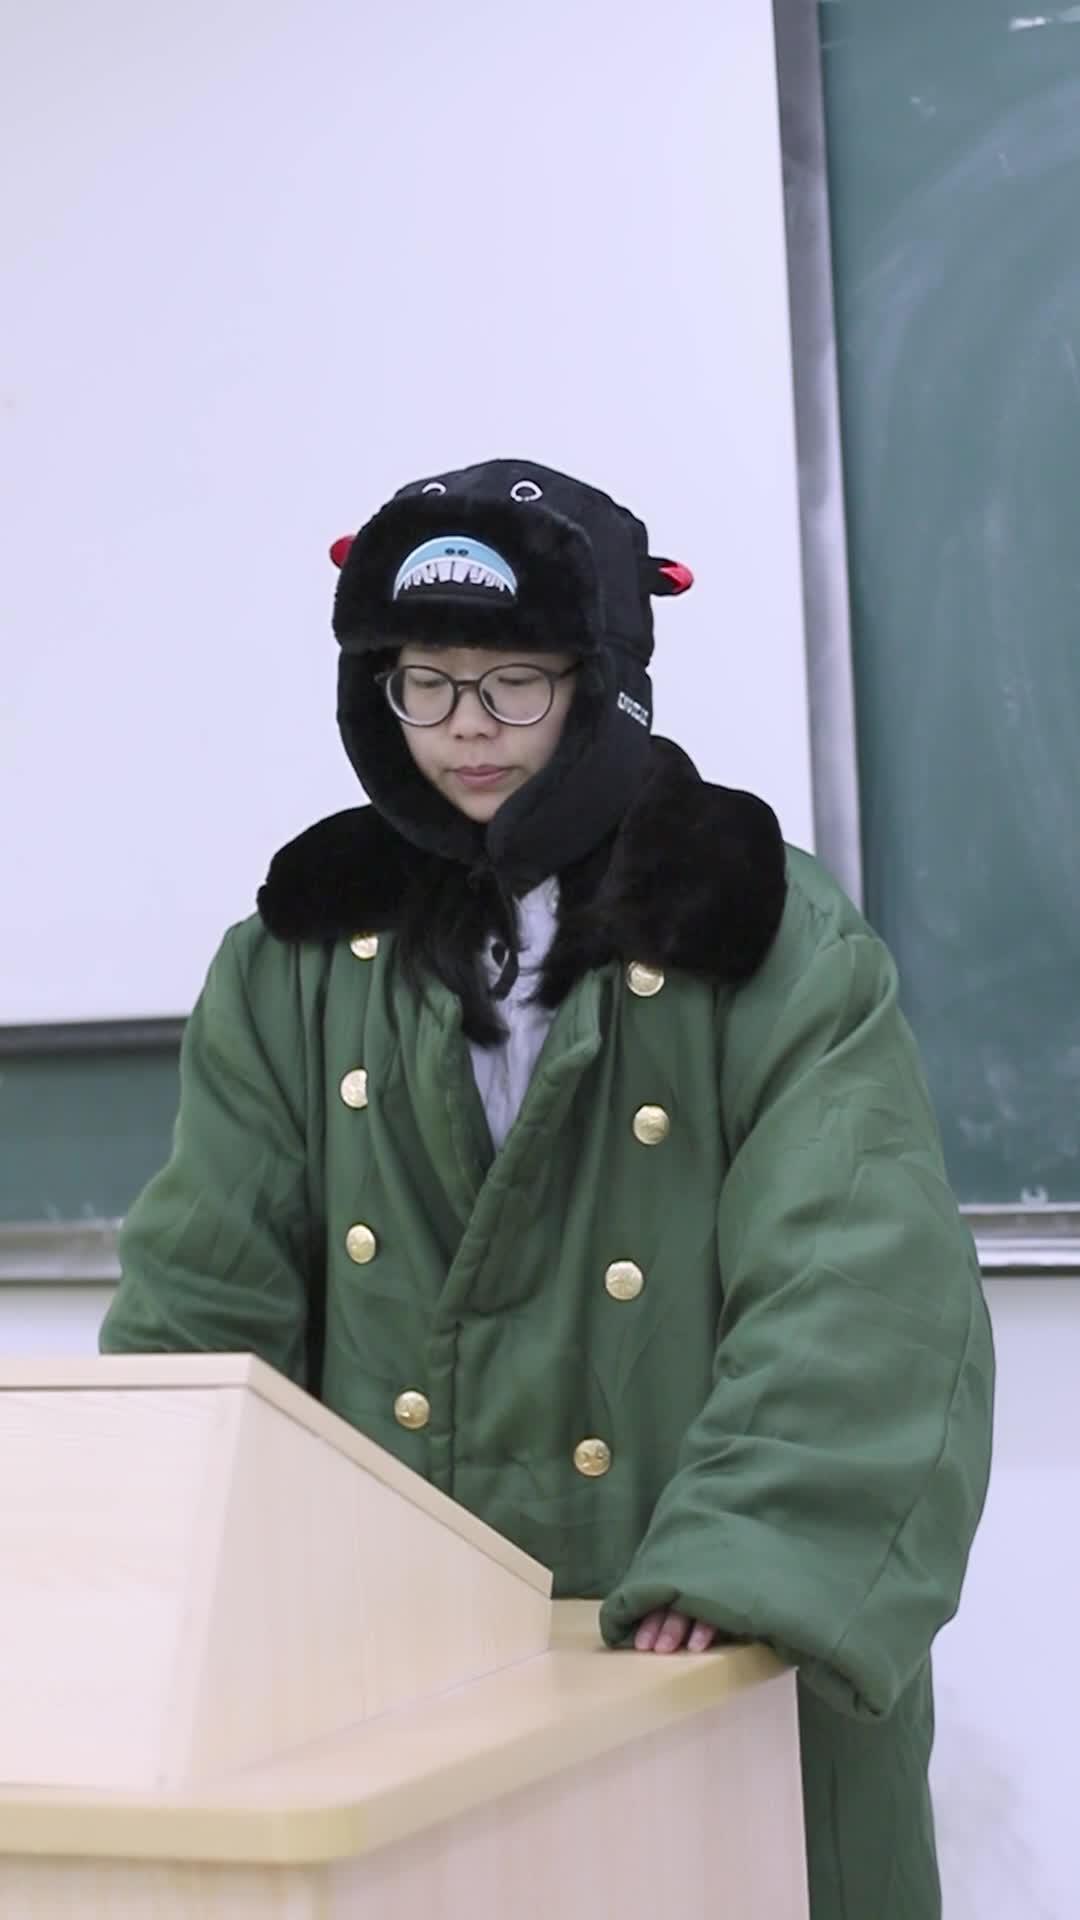 #搞笑趣事#身穿大衣的老师走进教室,不知道的以为老师要去北方过冬呢